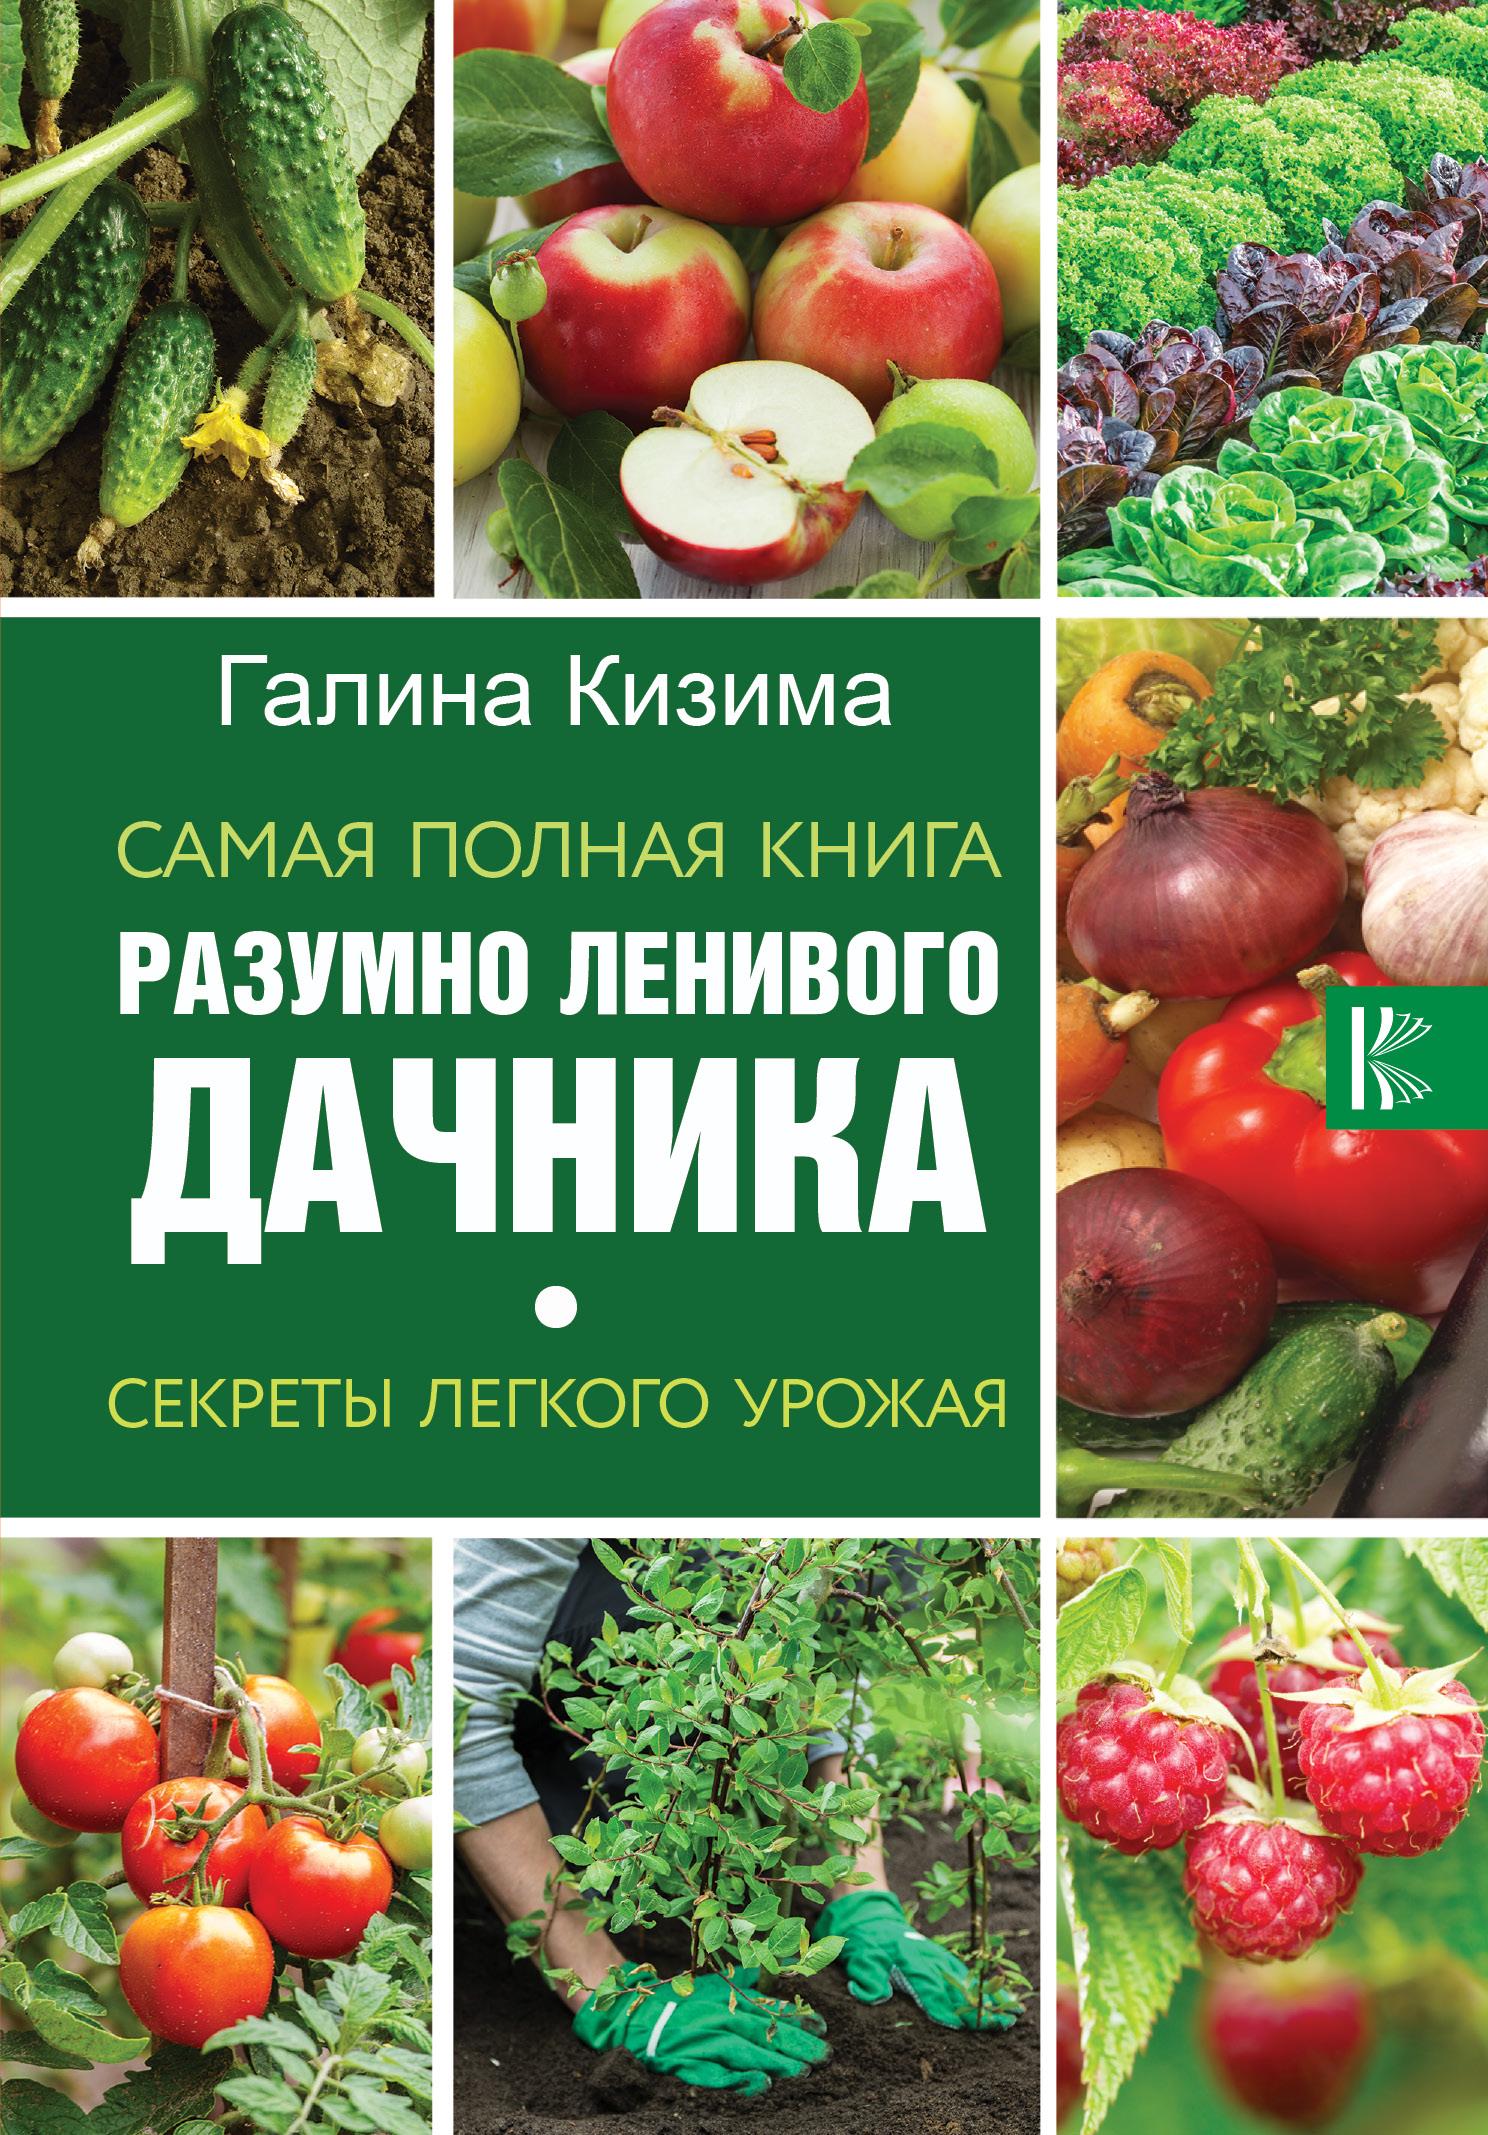 «Самая полная книга разумно ленивого дачника. Секреты легкого урожая»